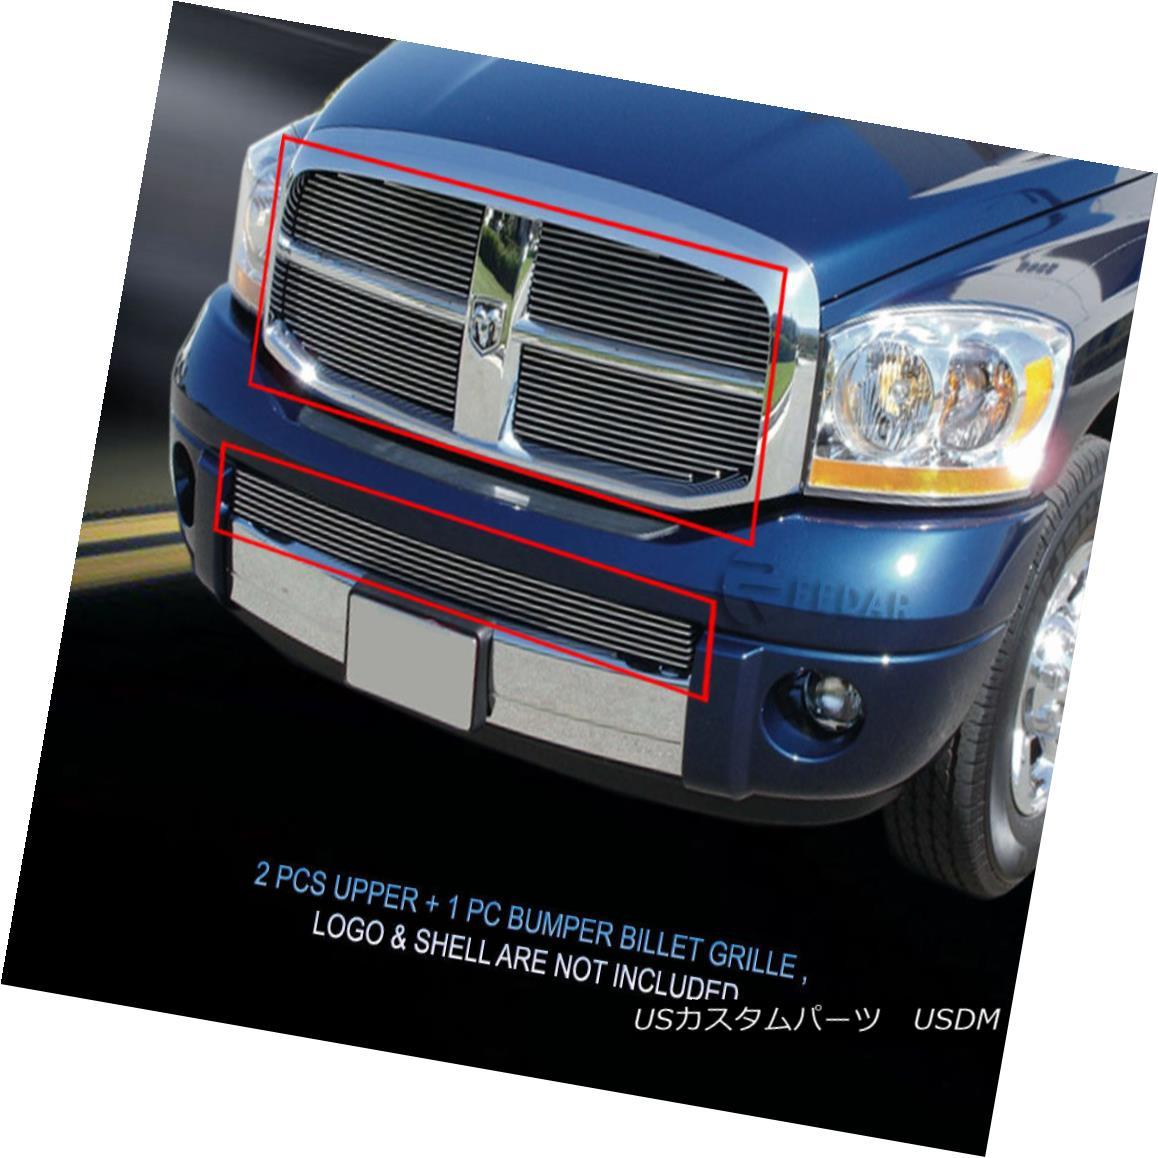 グリル 06 07 08 Dodge Ram 1500 Billet Grille COMBO Grill Insert Fedar 06 07 08ダッジラム1500ビレットグリルコンボグリルインサートフェルダ